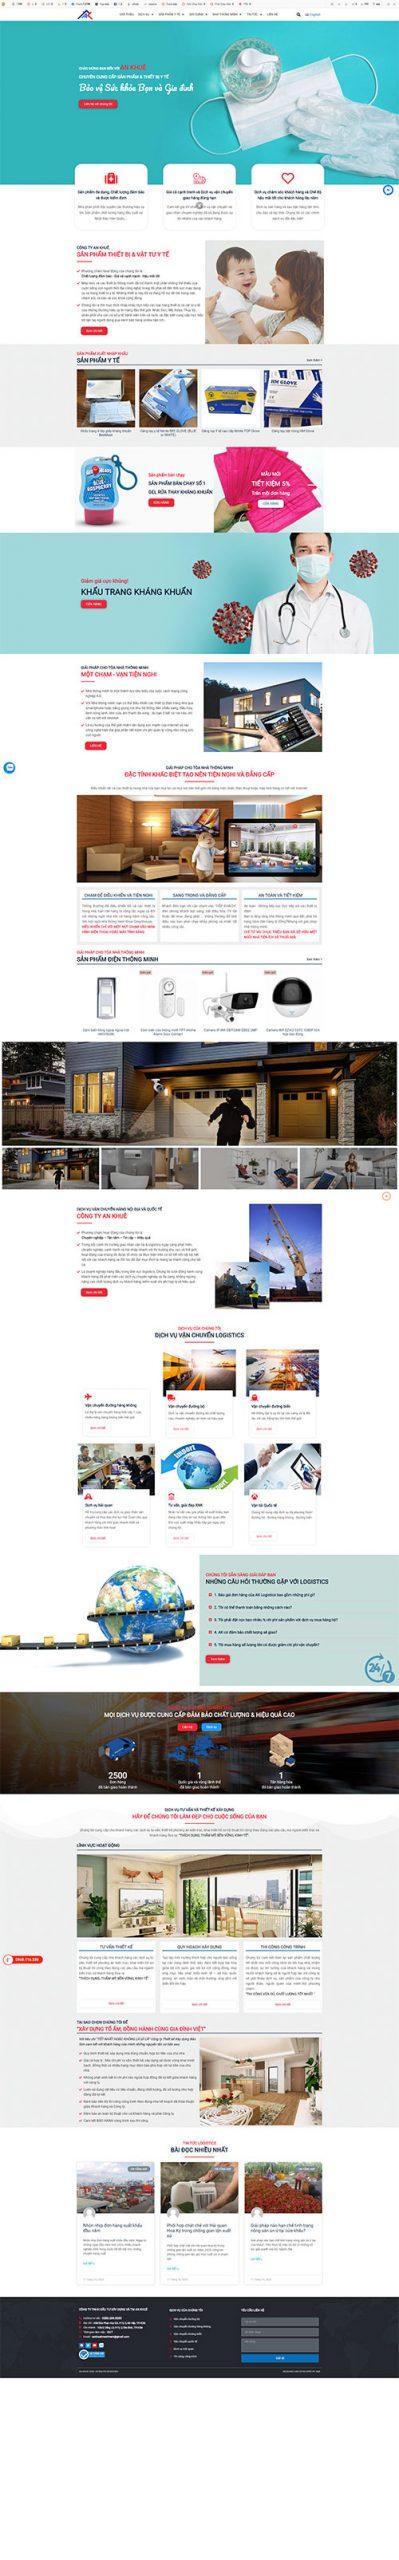 Website Vật tư Thiết bị Y tế, DV Tổng hợp An Khuê